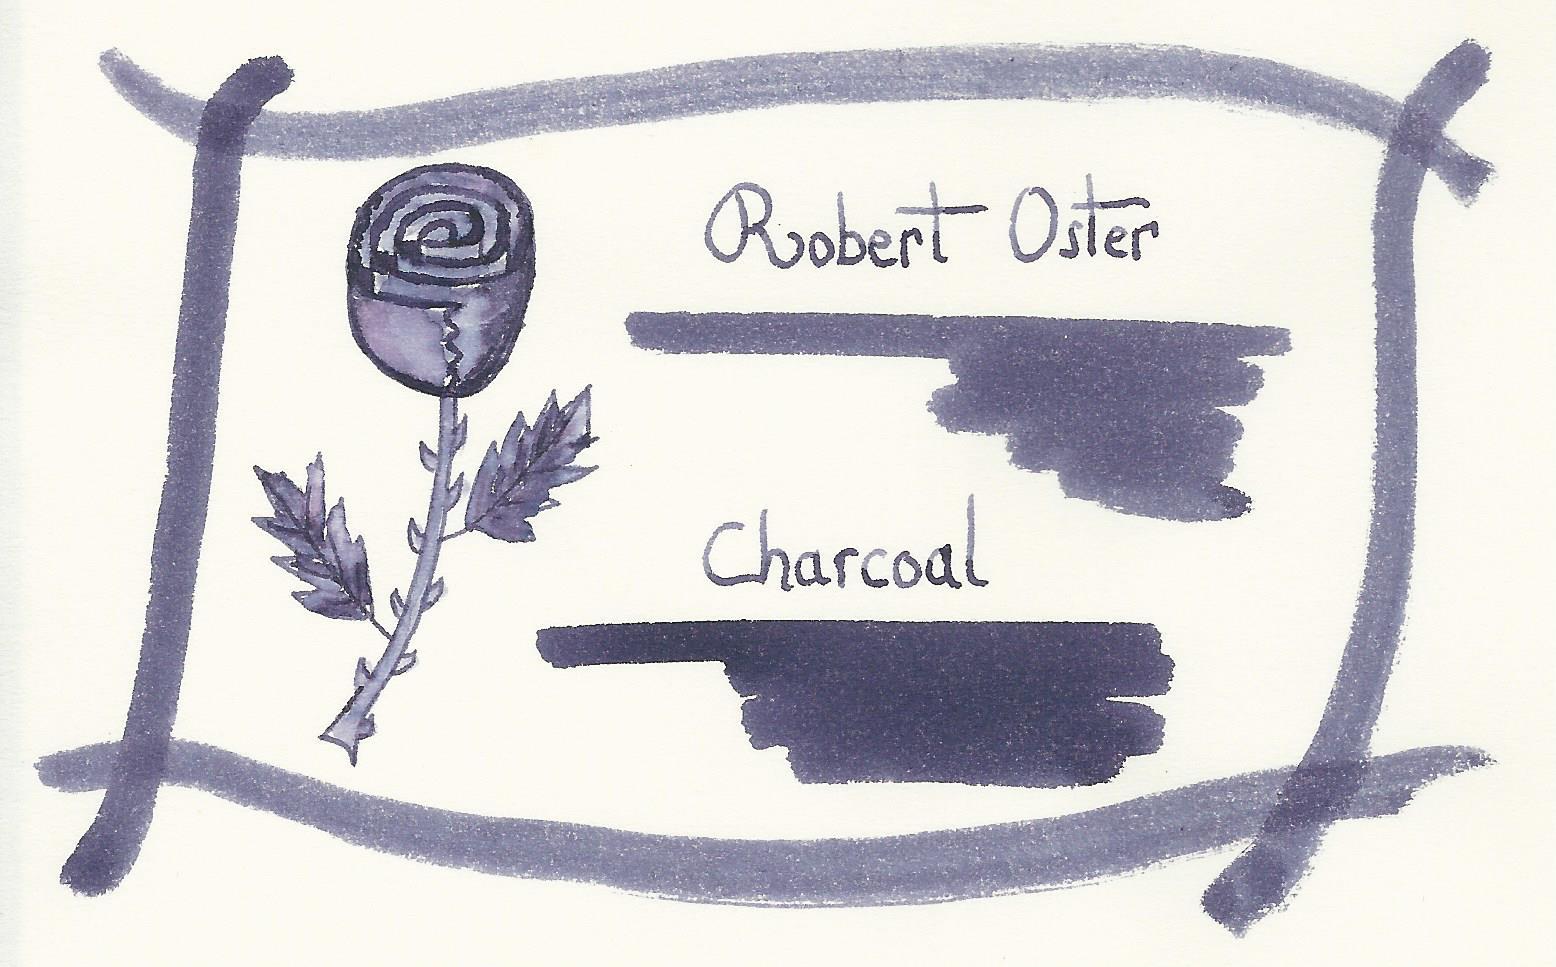 fpn_1514563904__robert_oster_-_charcoal_